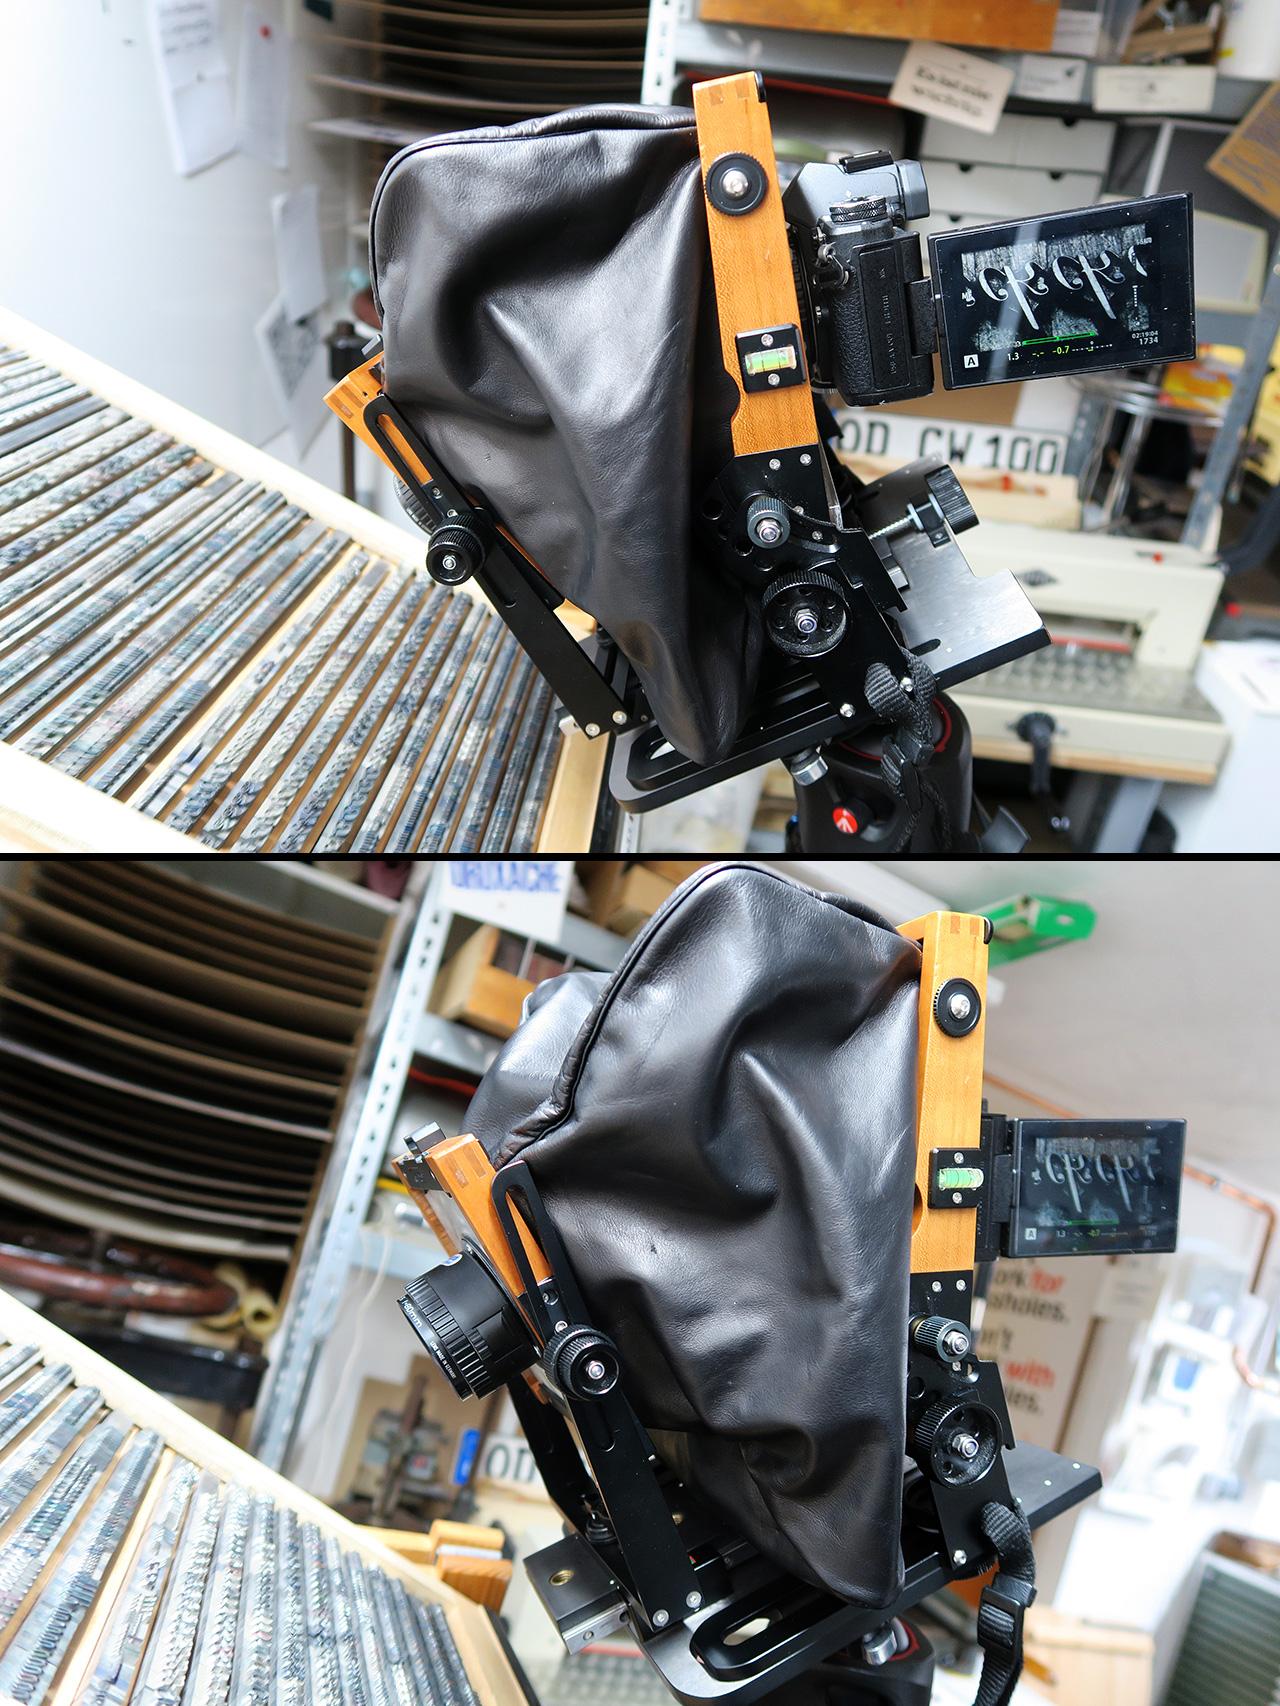 Bleilettern fotografieren: mit der Digitalkamera an die Großformatige adaptiert